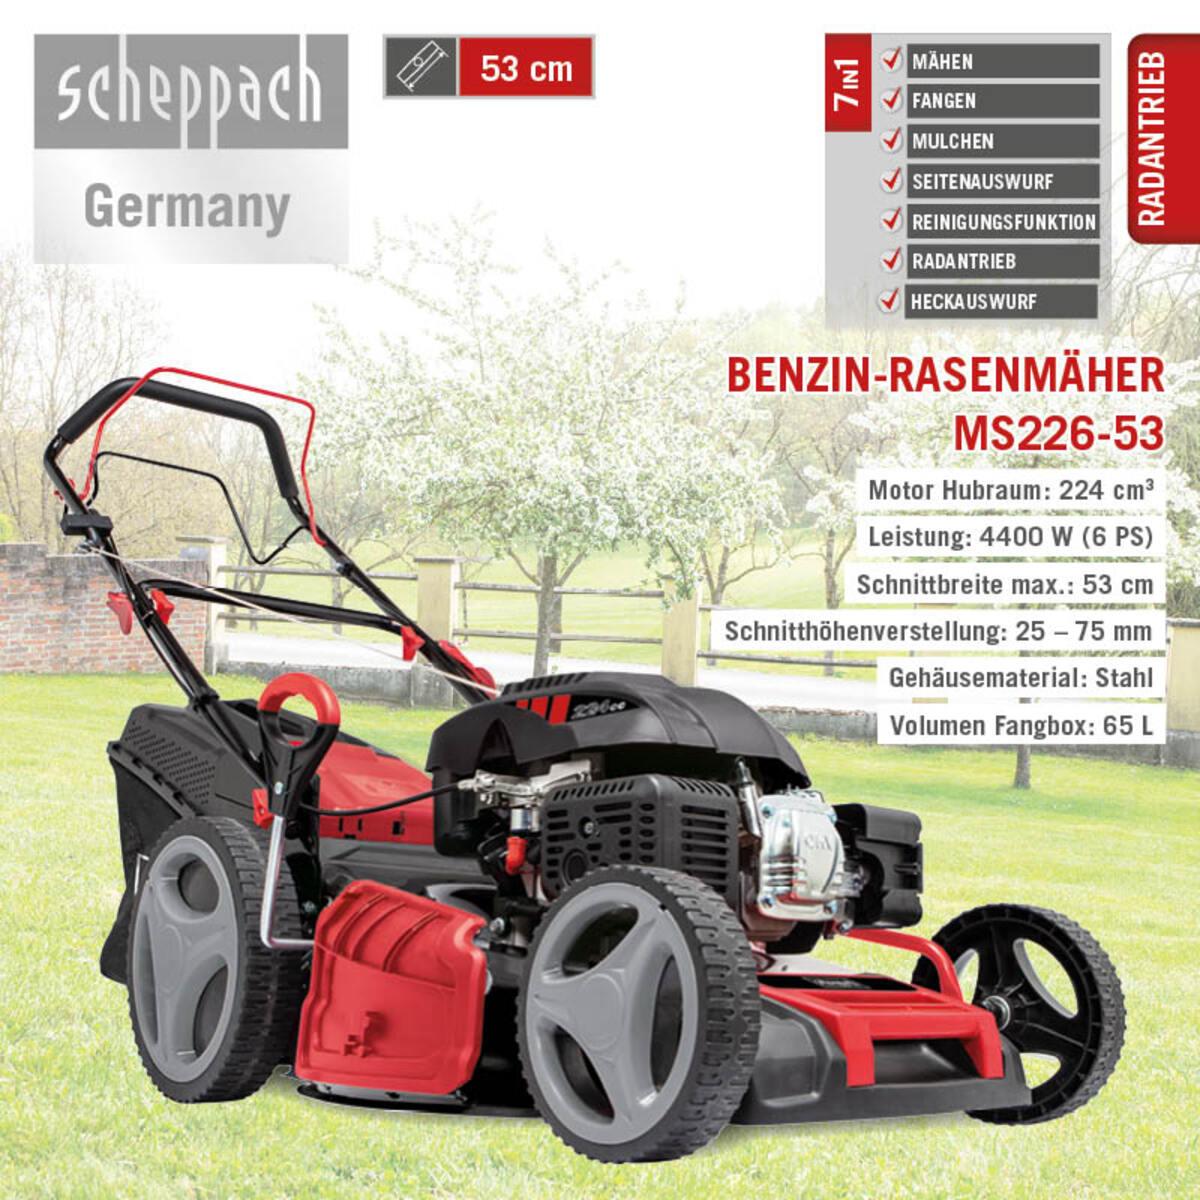 Bild 2 von Scheppach 6 in 1 Benzin-Rasenmäher MS226-53 SE